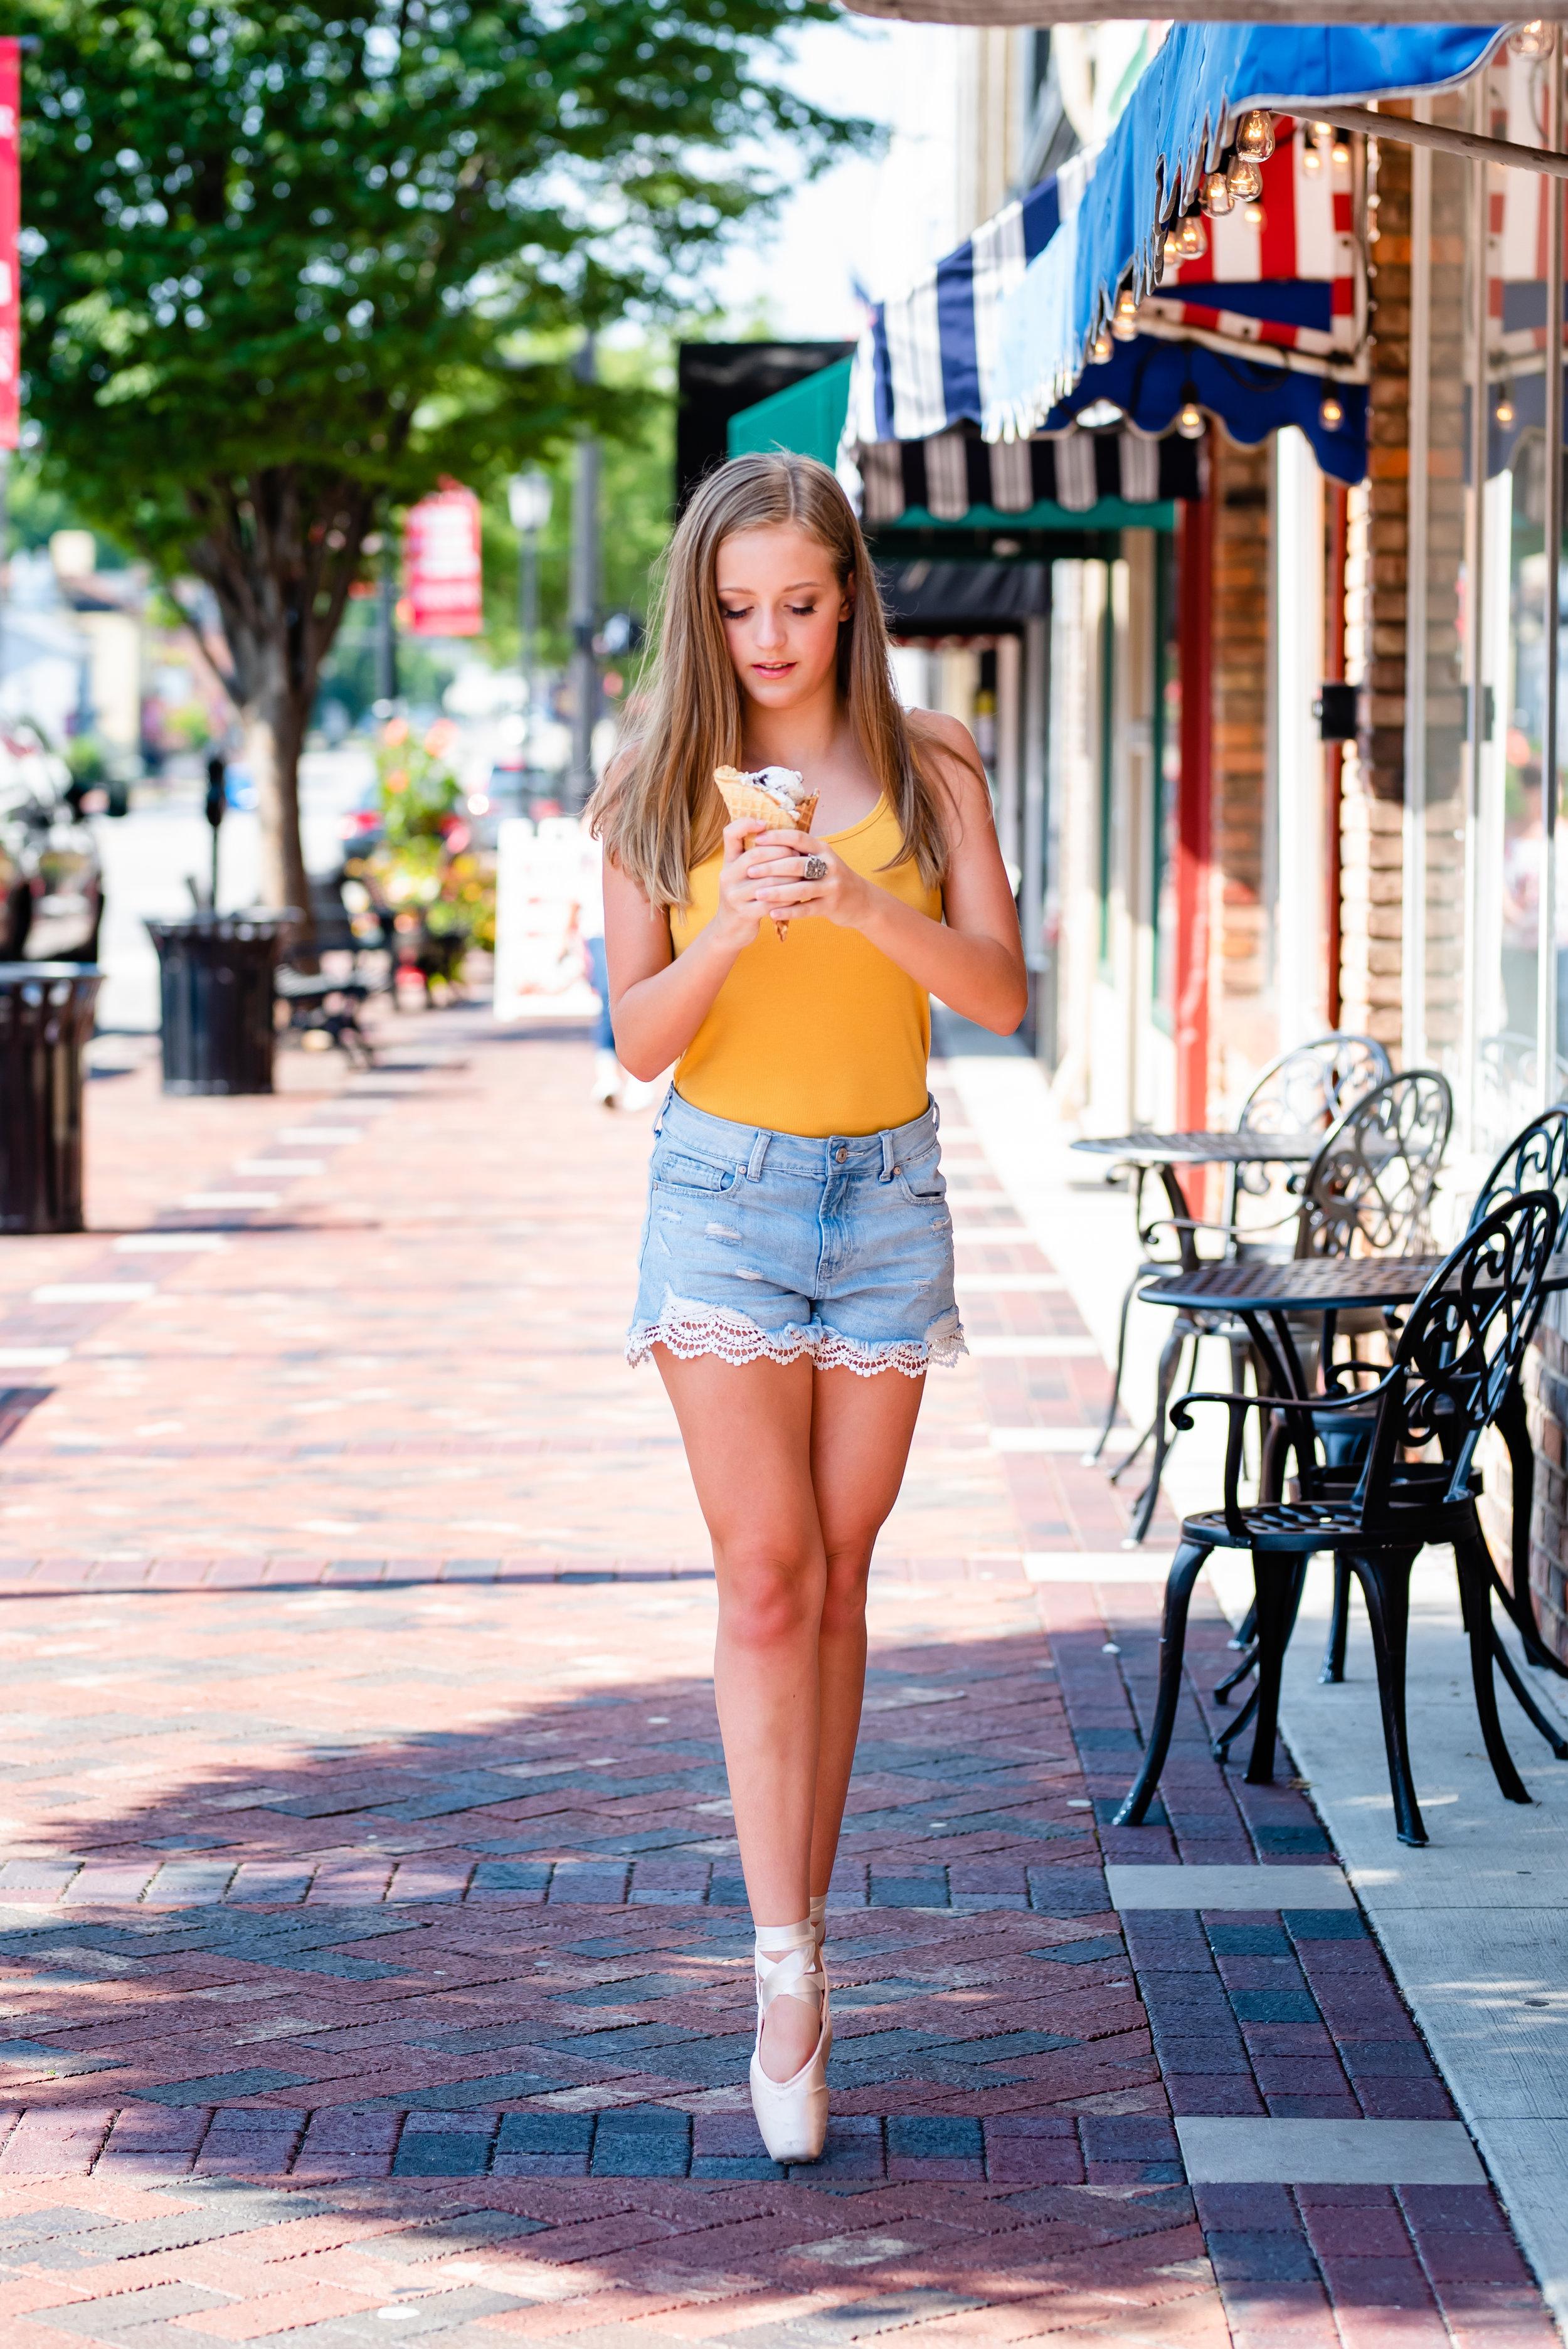 wilmington_ohio_ice_cream.jpg